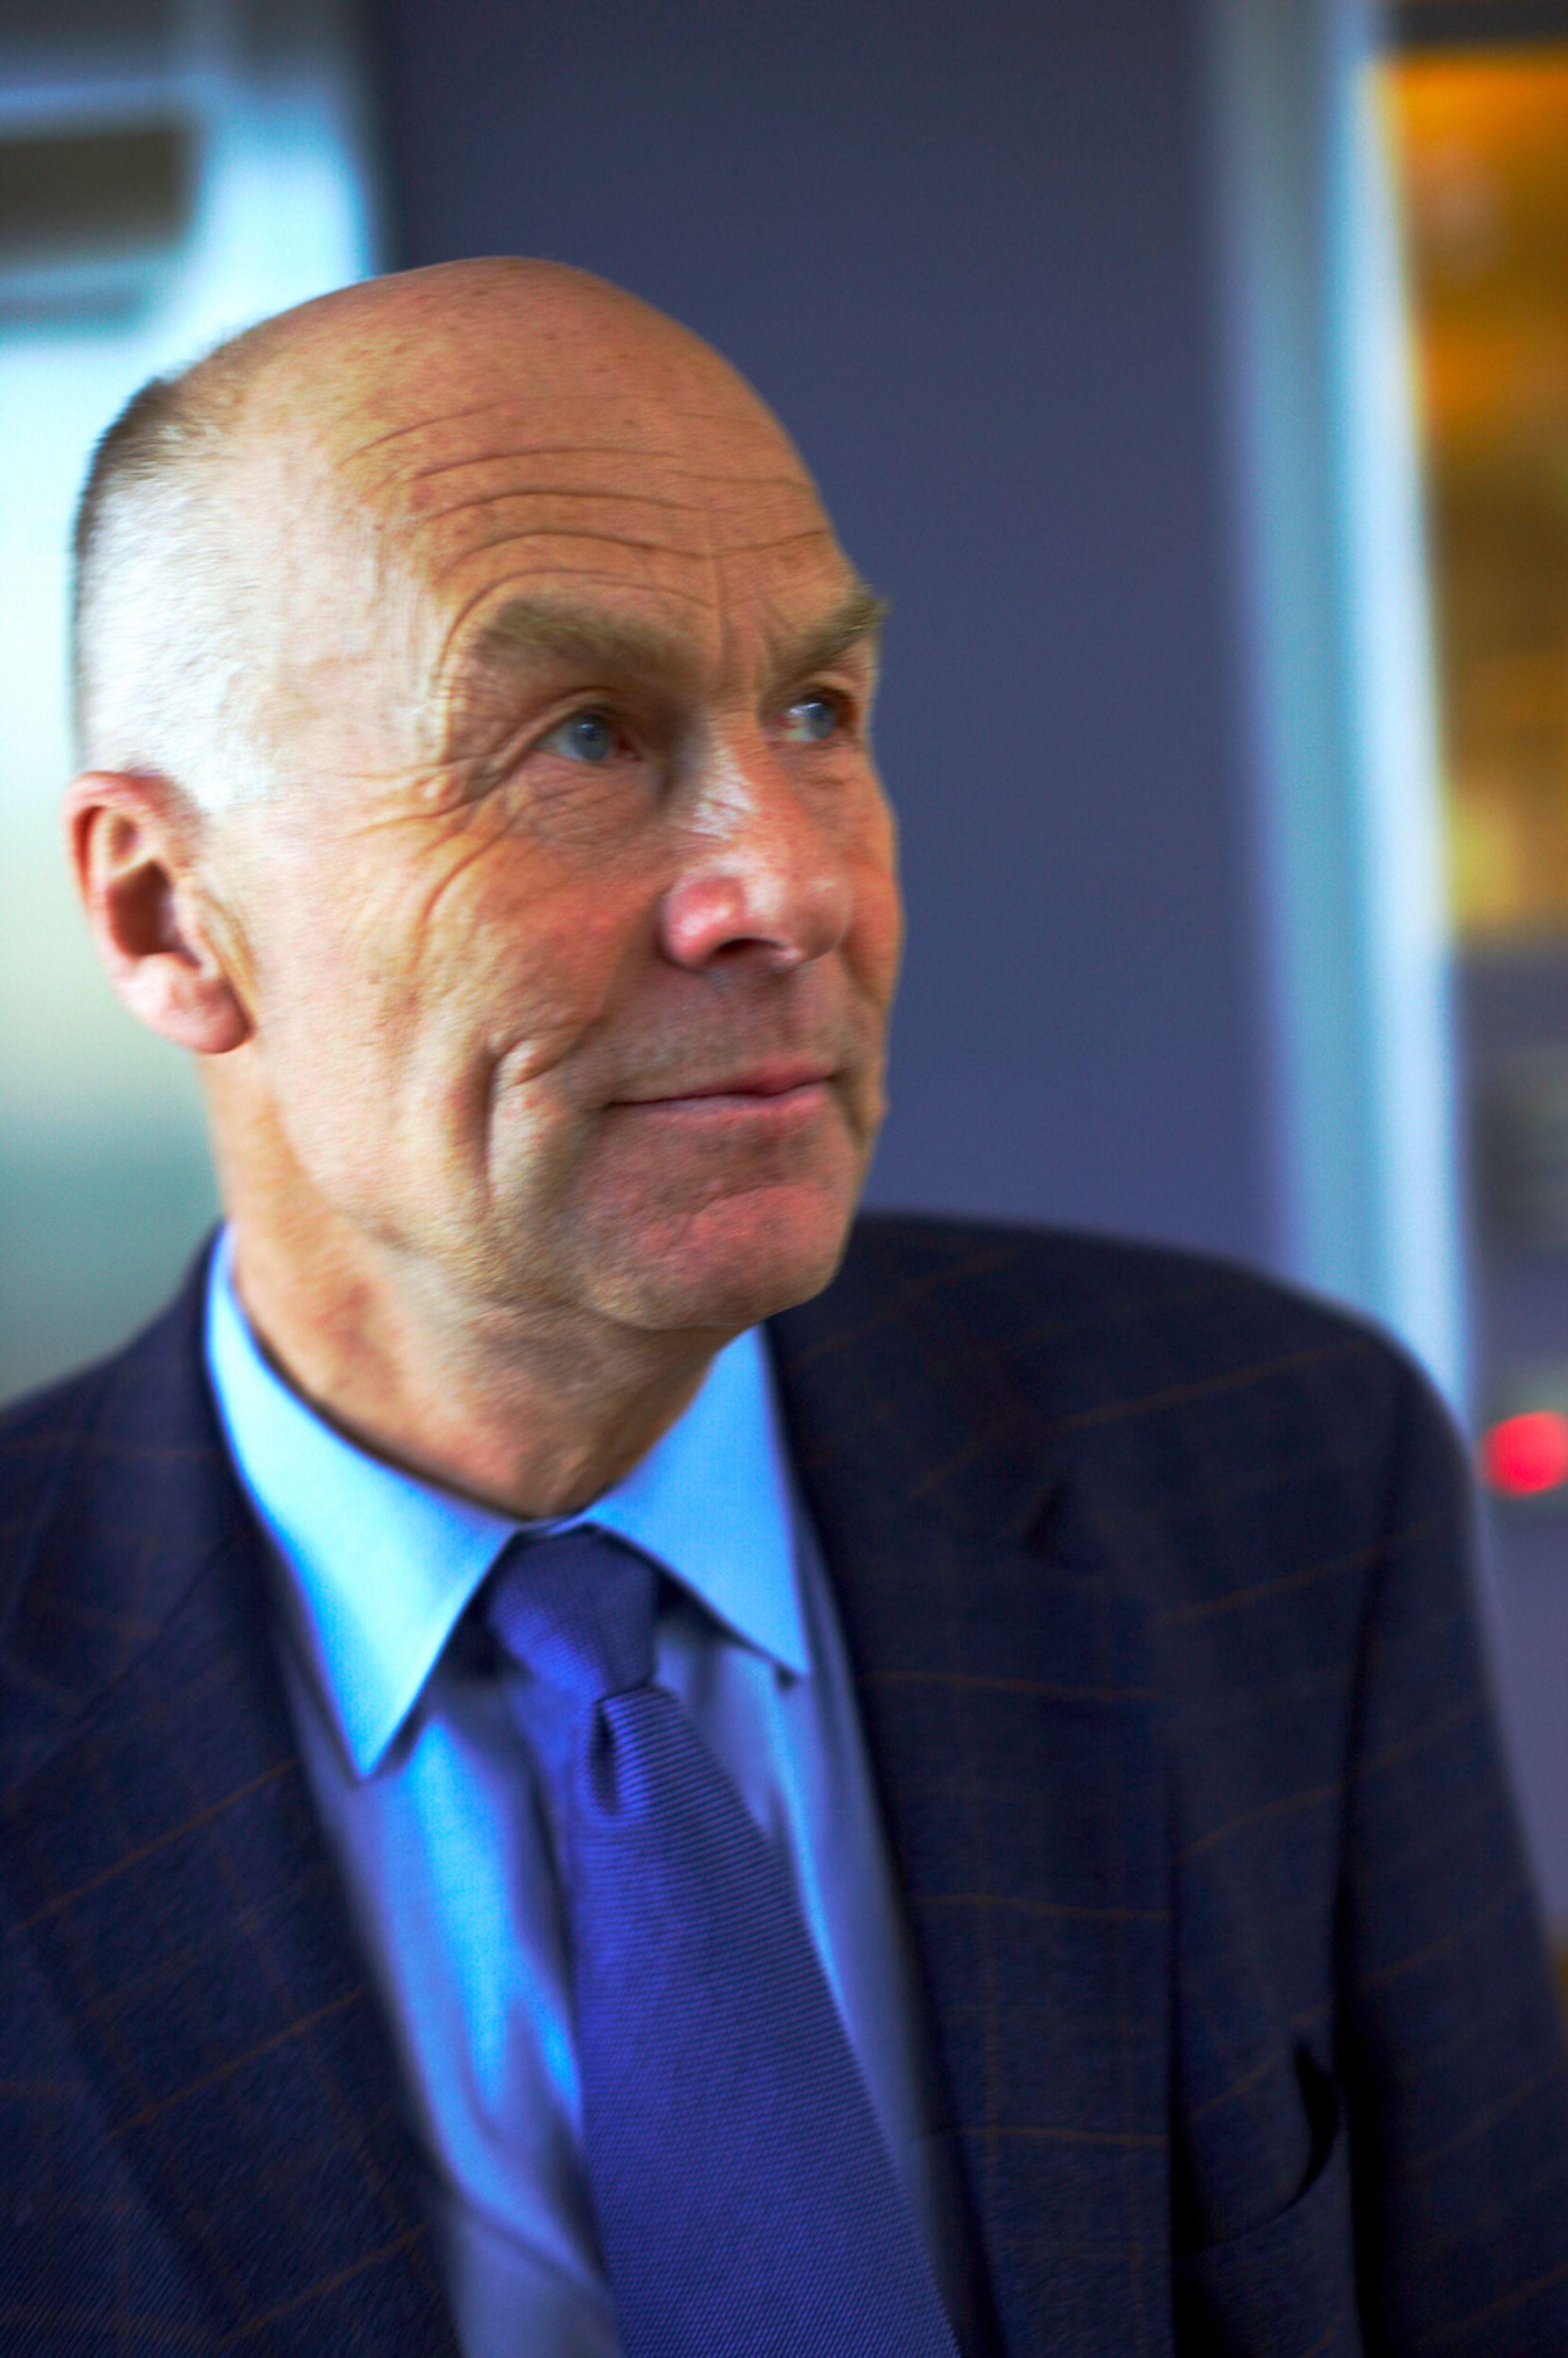 Administrerende direktør i Byggenæringens Landsforening, Sverre A. Larssen.